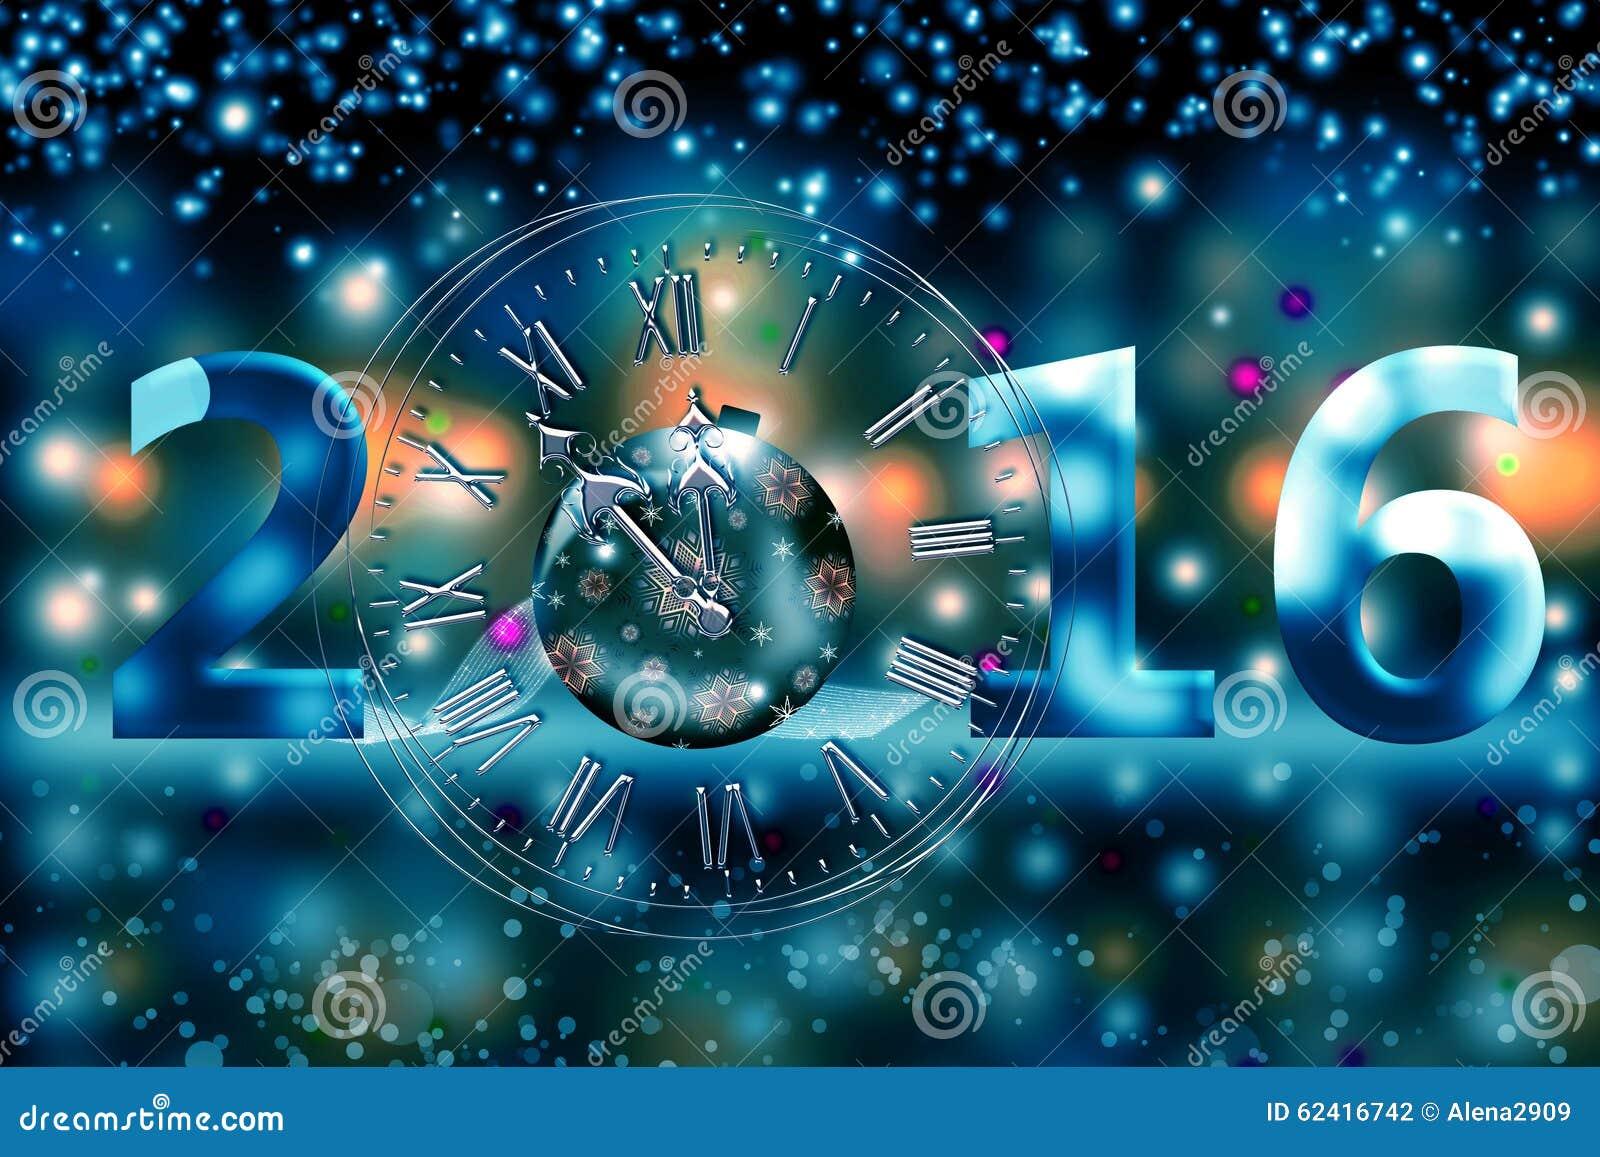 Fant 225 Sticos Dise 241 Os De Fondos: Fotos E Imagenes De Emelec 2016 Gratis